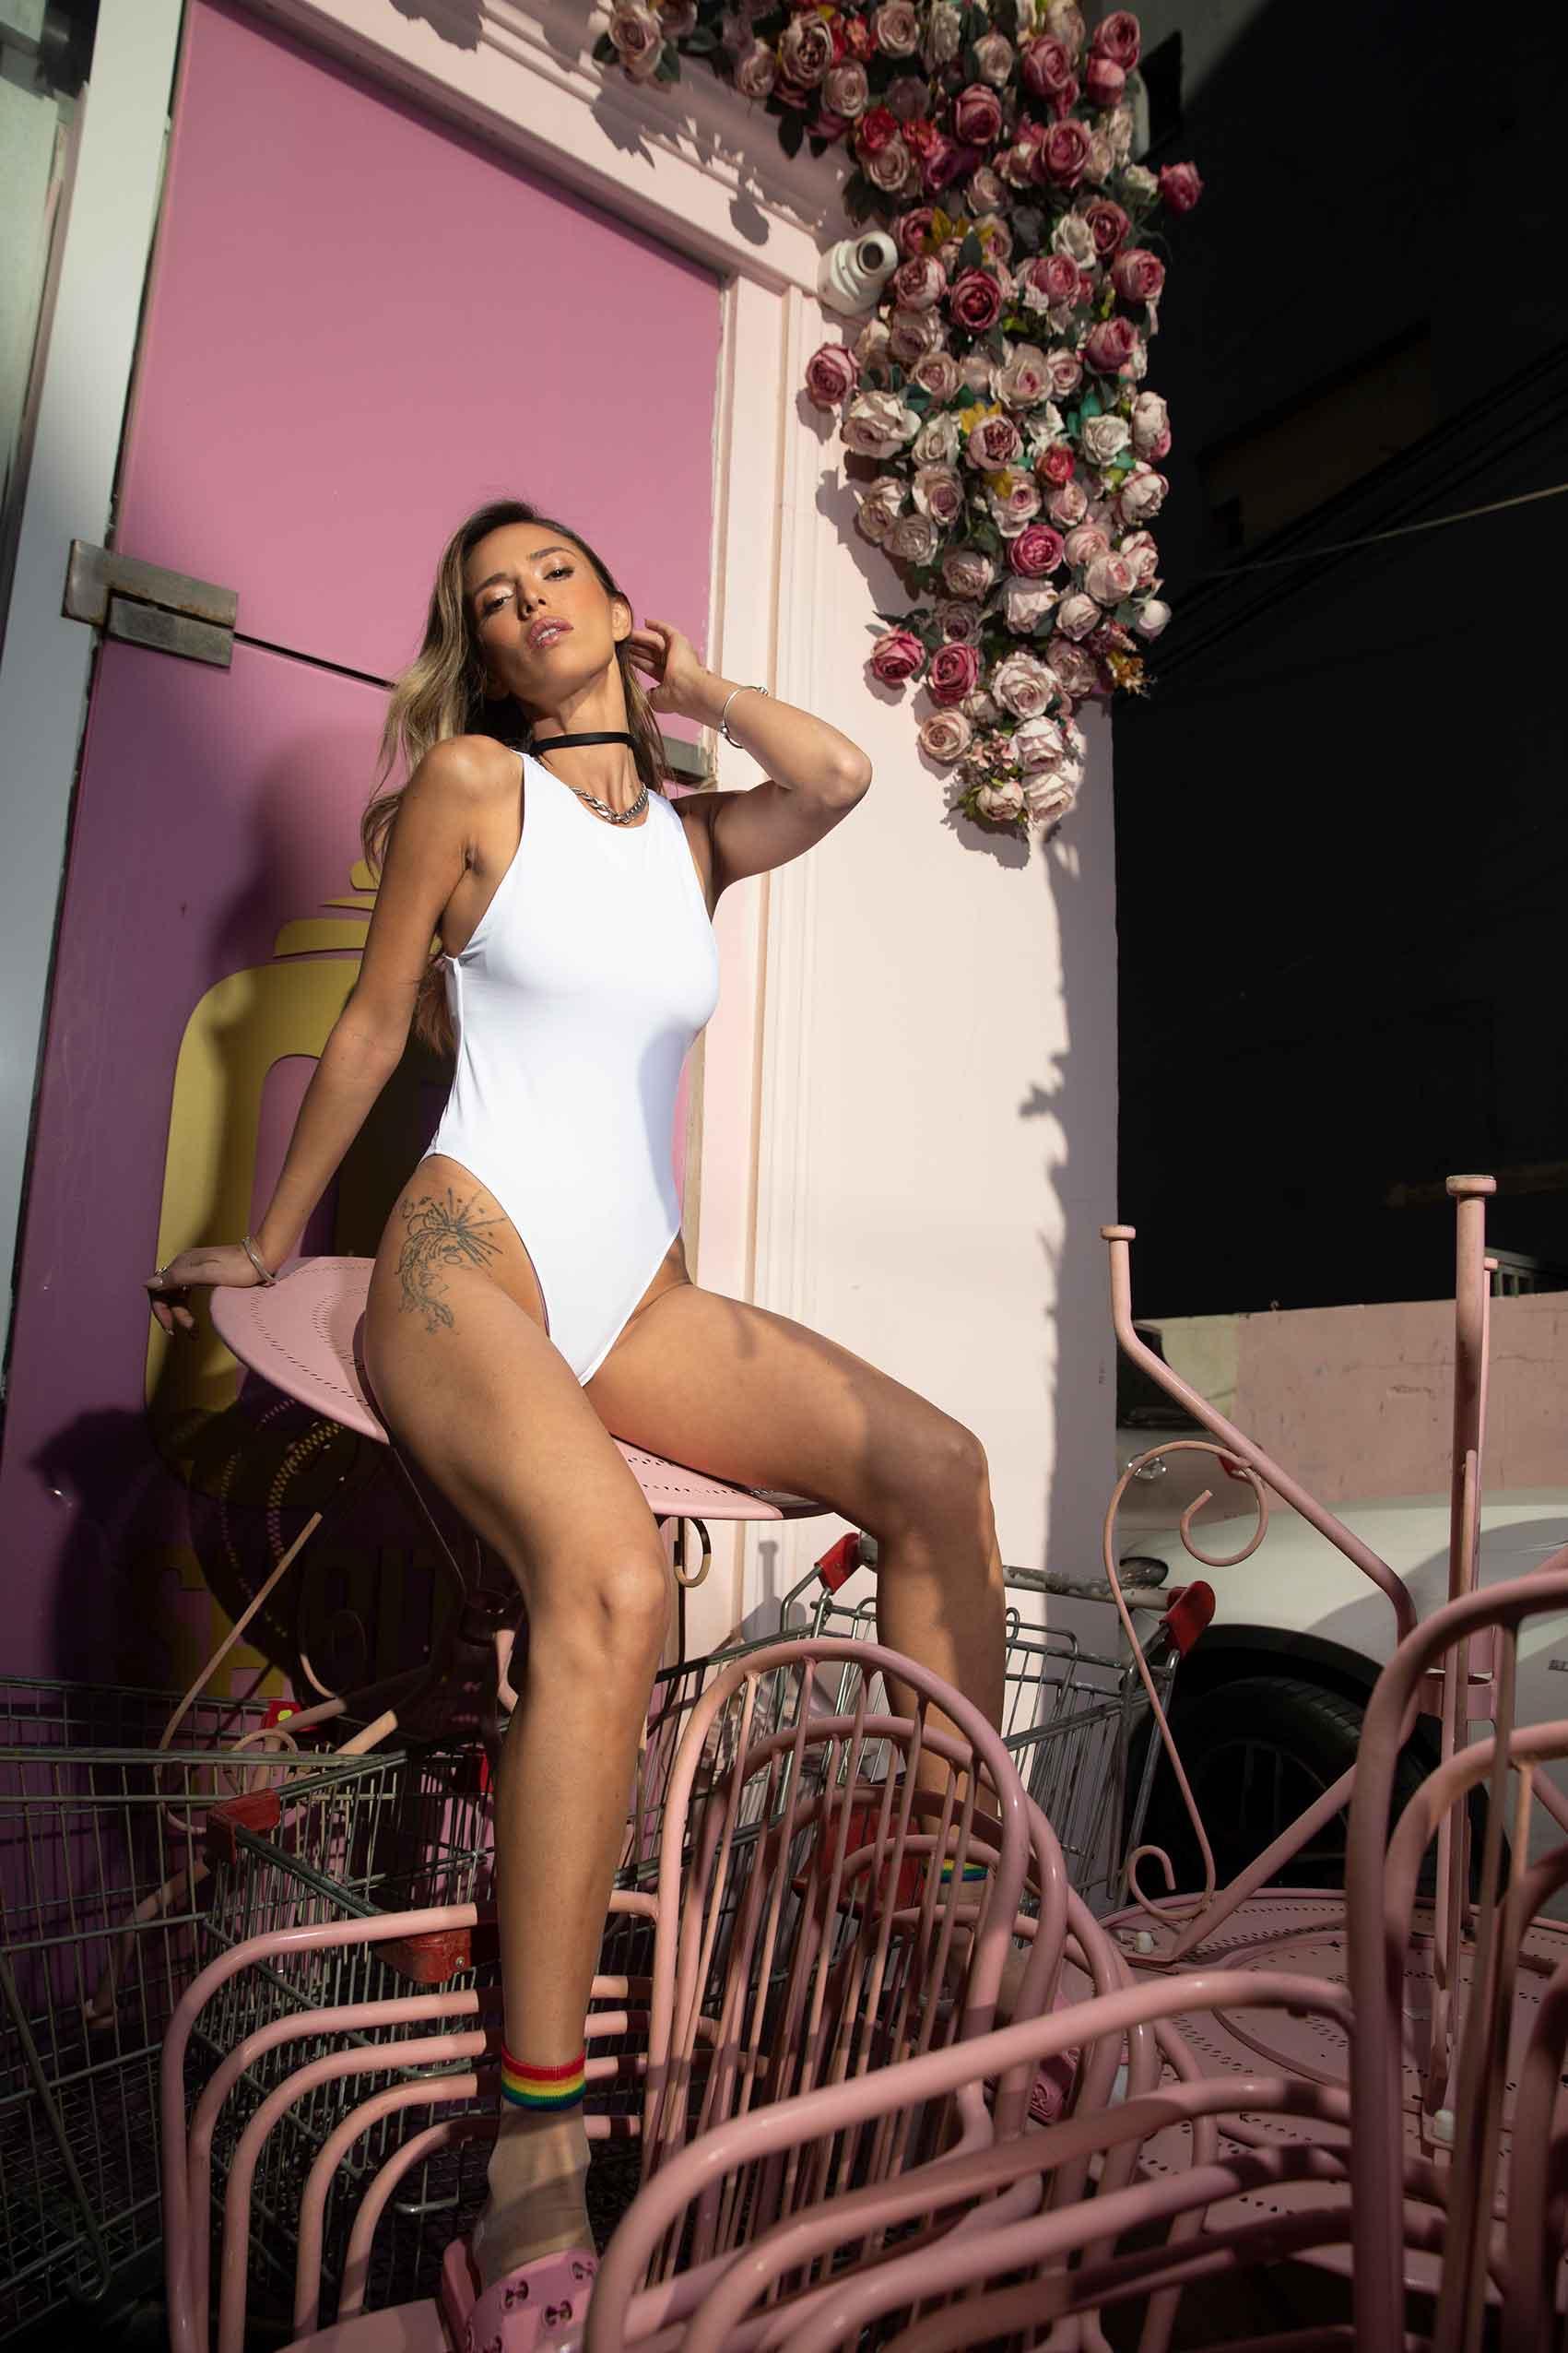 נעה-יונני-האח-הגדול-2021-מגזין-אופנה-ישראלי